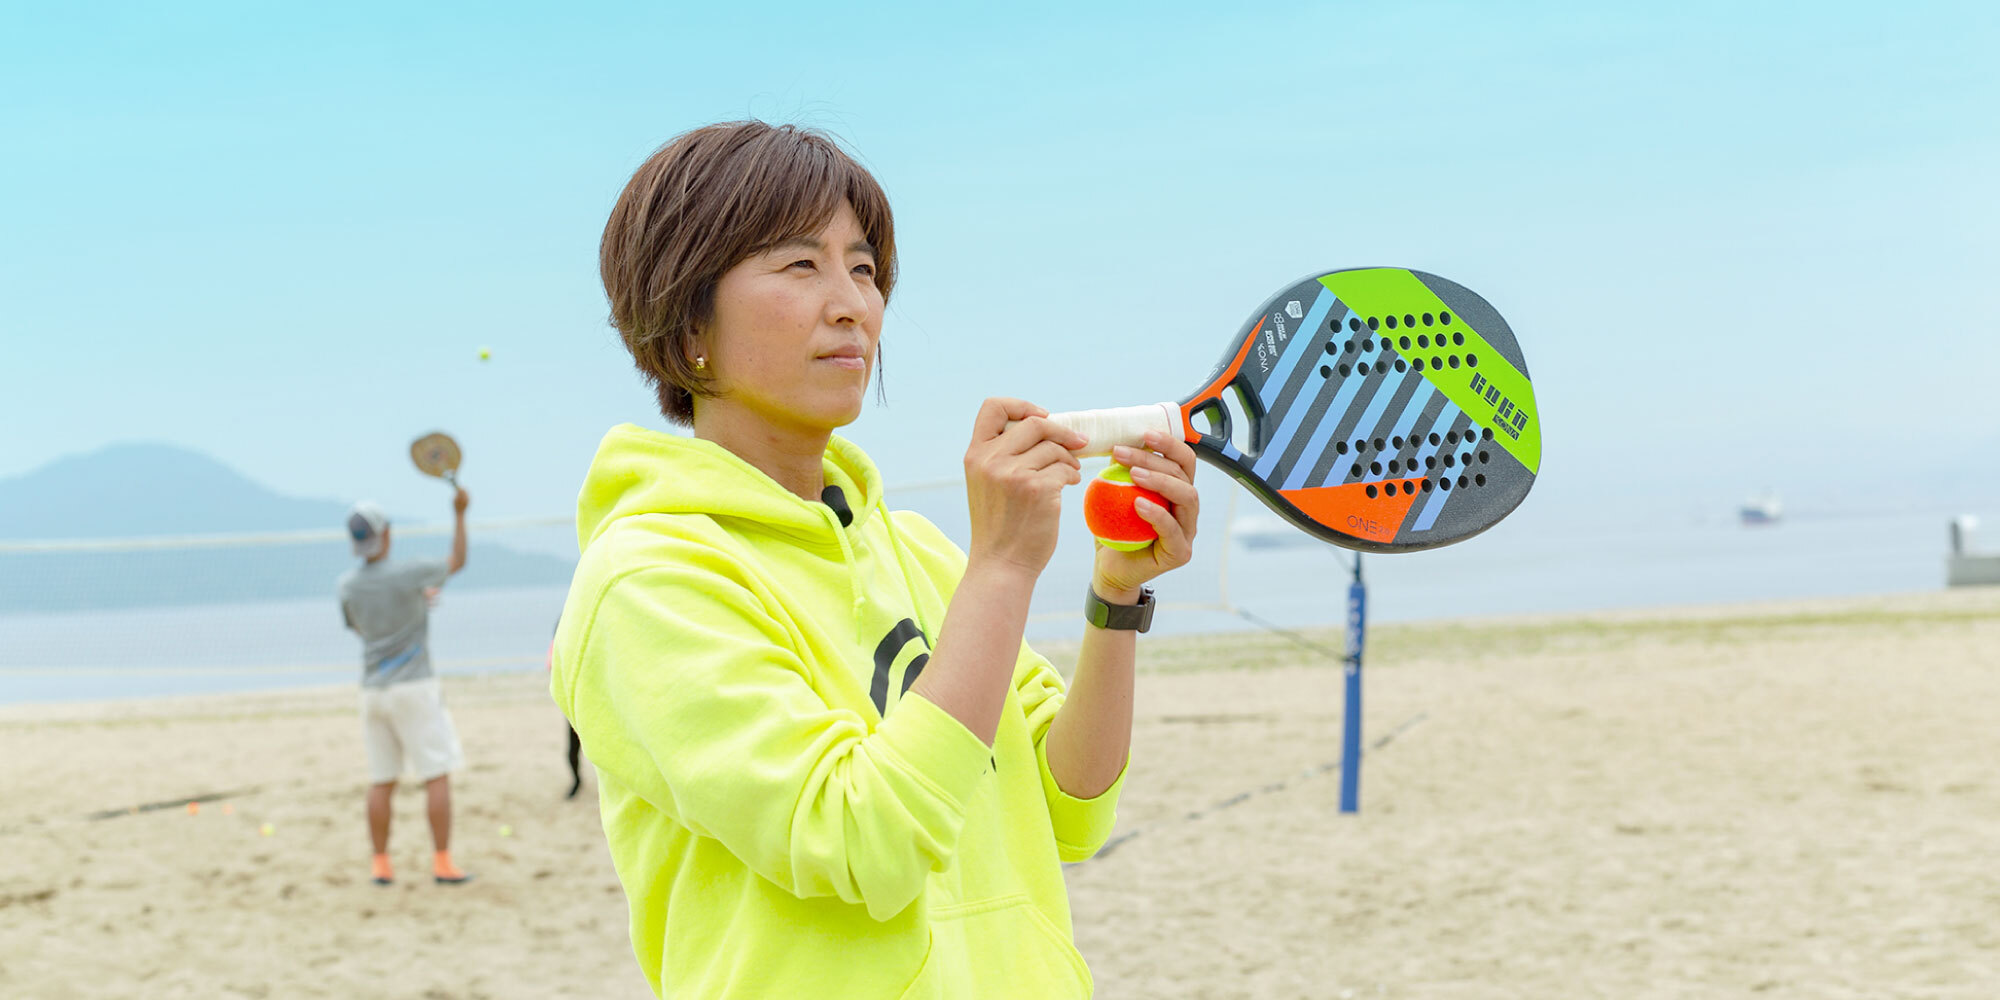 開発はビーチテニスプレーヤー